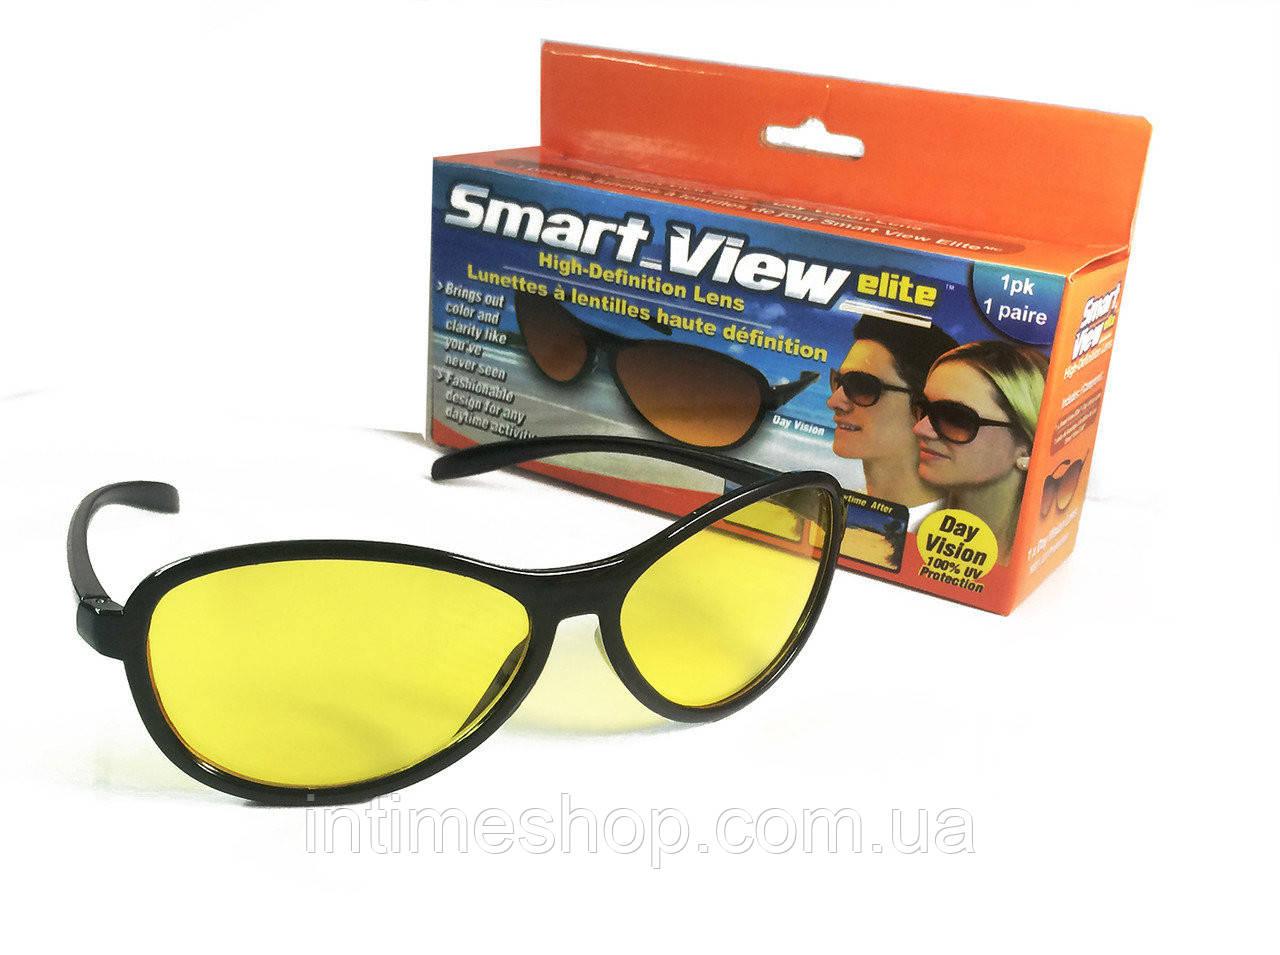 🔝 Очки антифары для водителей Smart View 1 шт. для ночного вождения, с доставкой по Киеву и Украине | 🎁%🚚